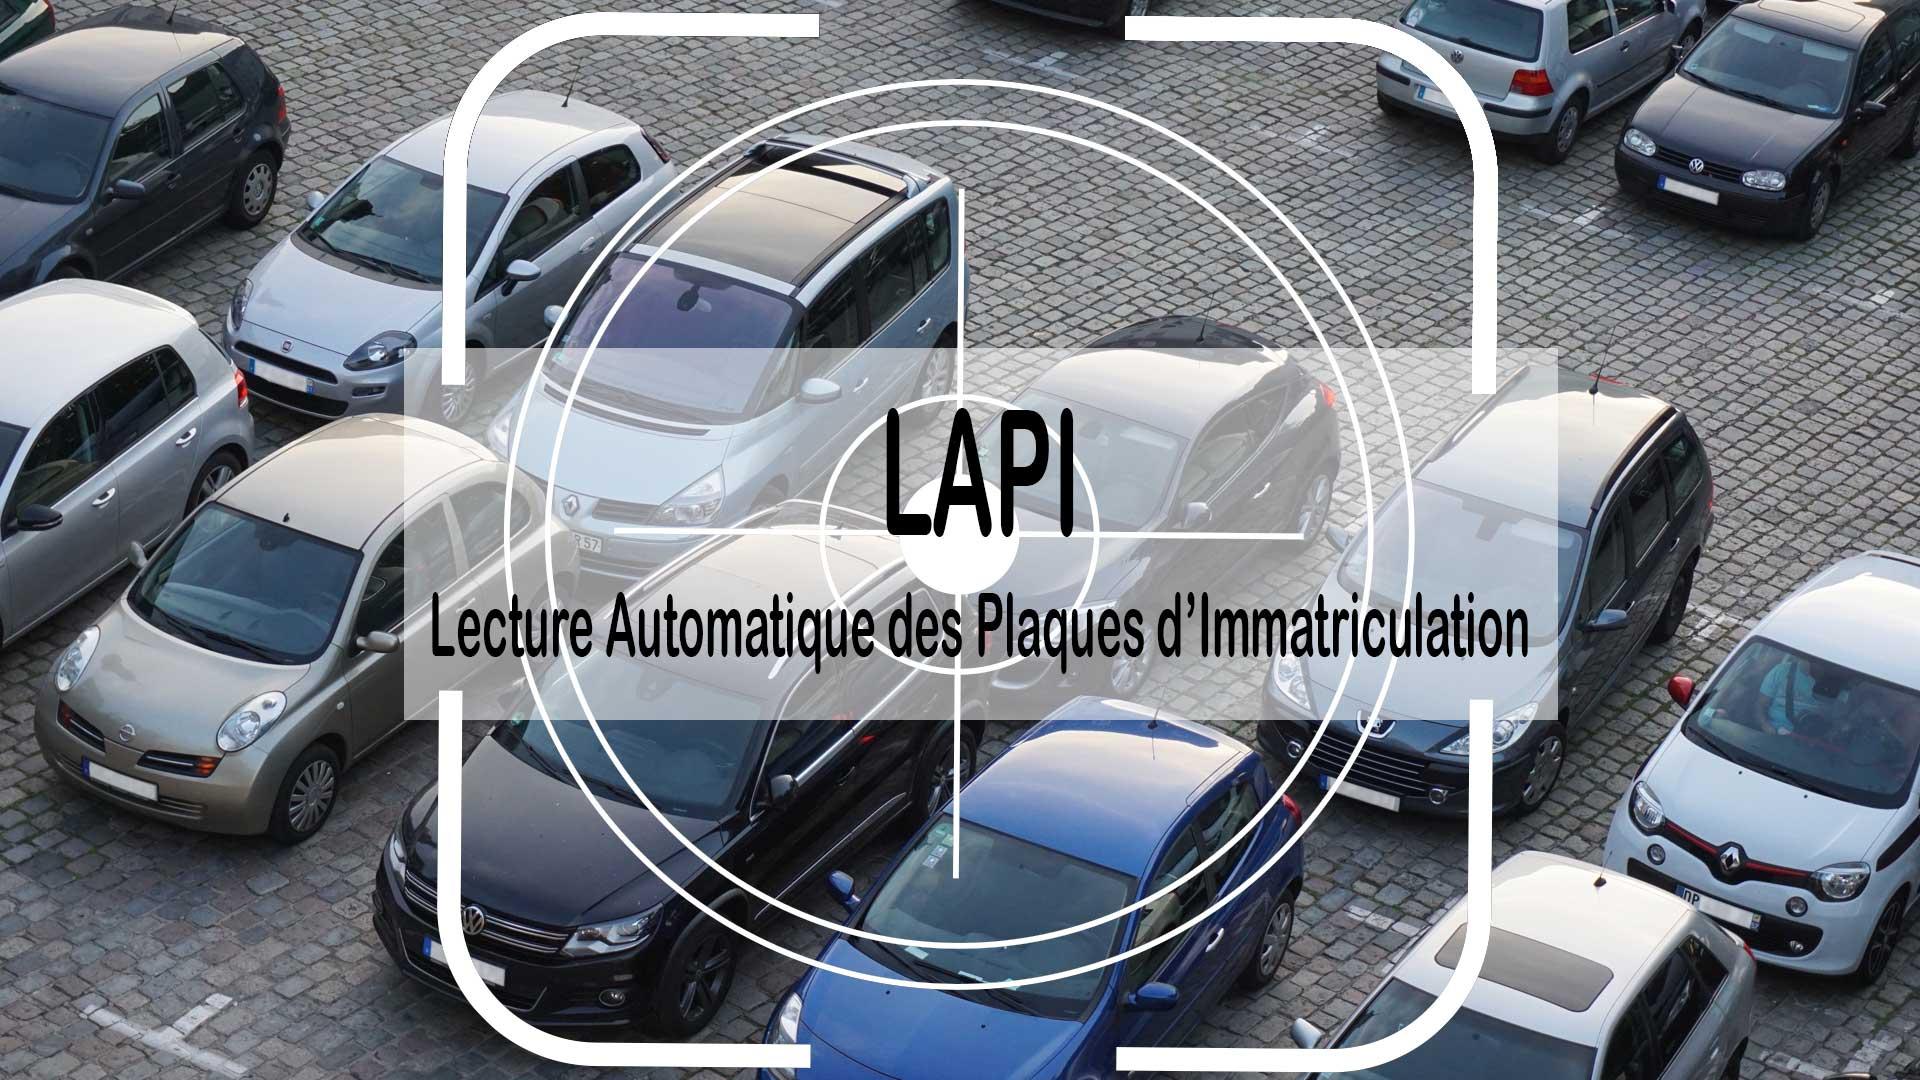 Lecture automatique des plaques d'immatriculation : la CNIL met en garde.